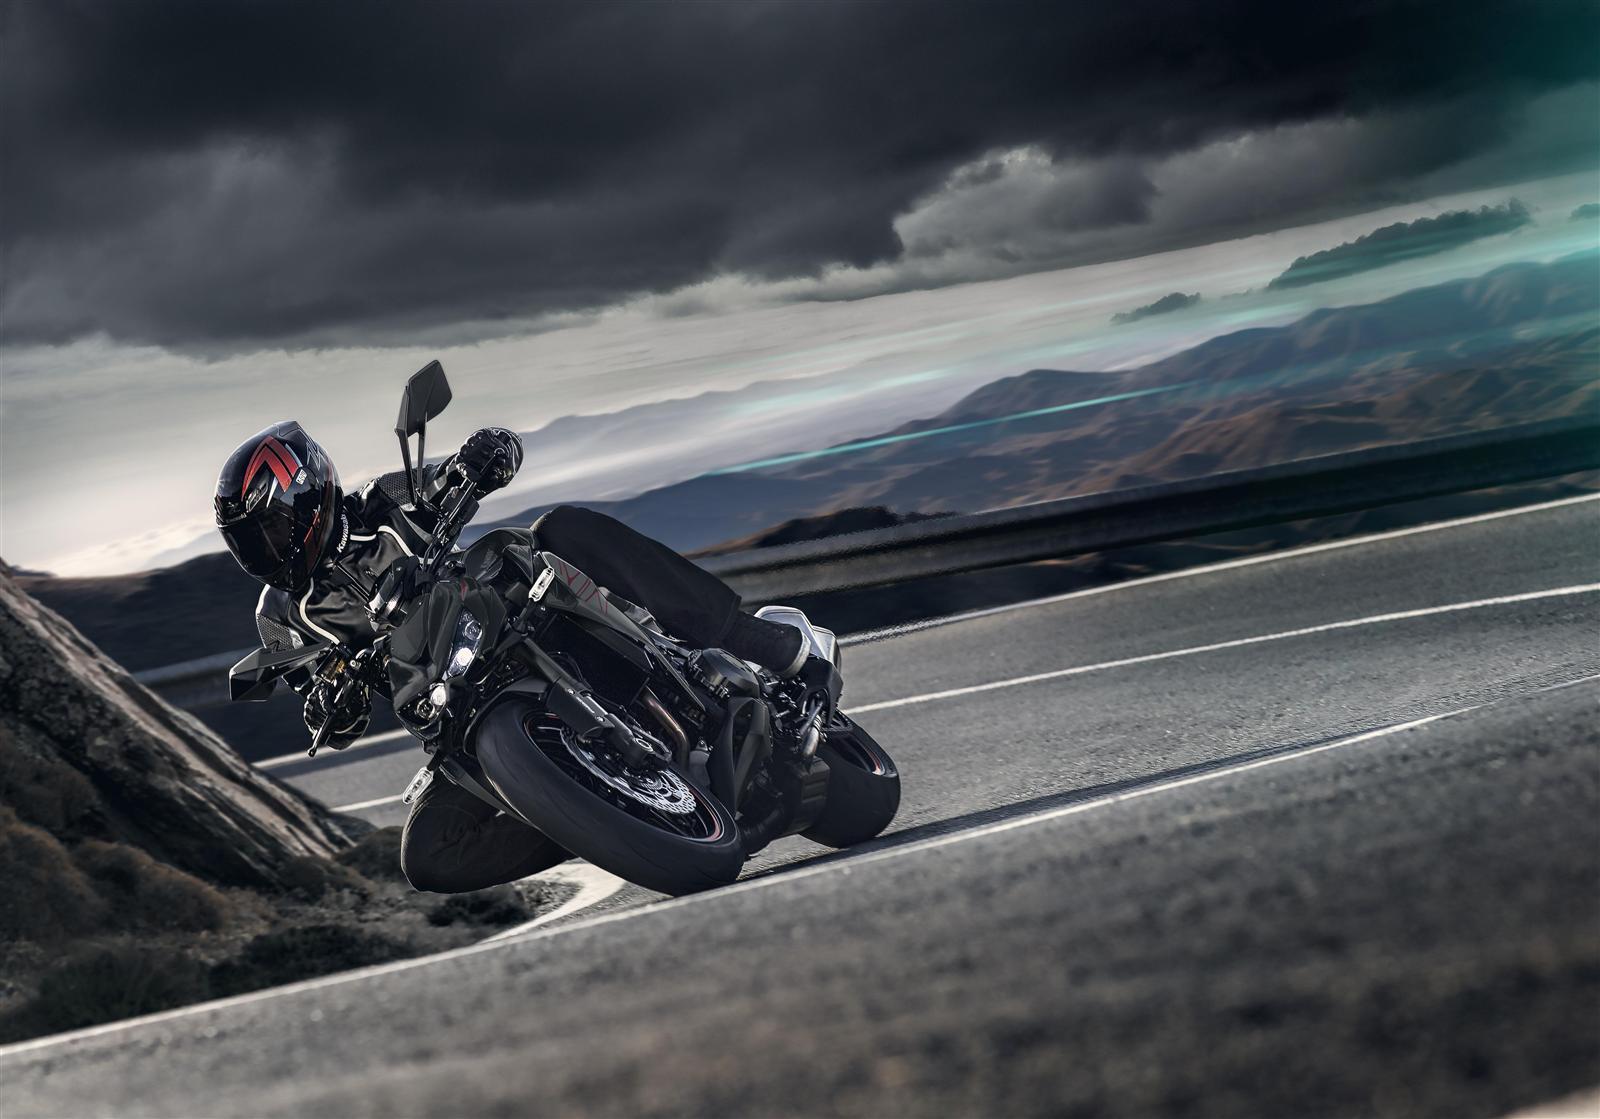 Kawasaki Z1000 2019 w winklach